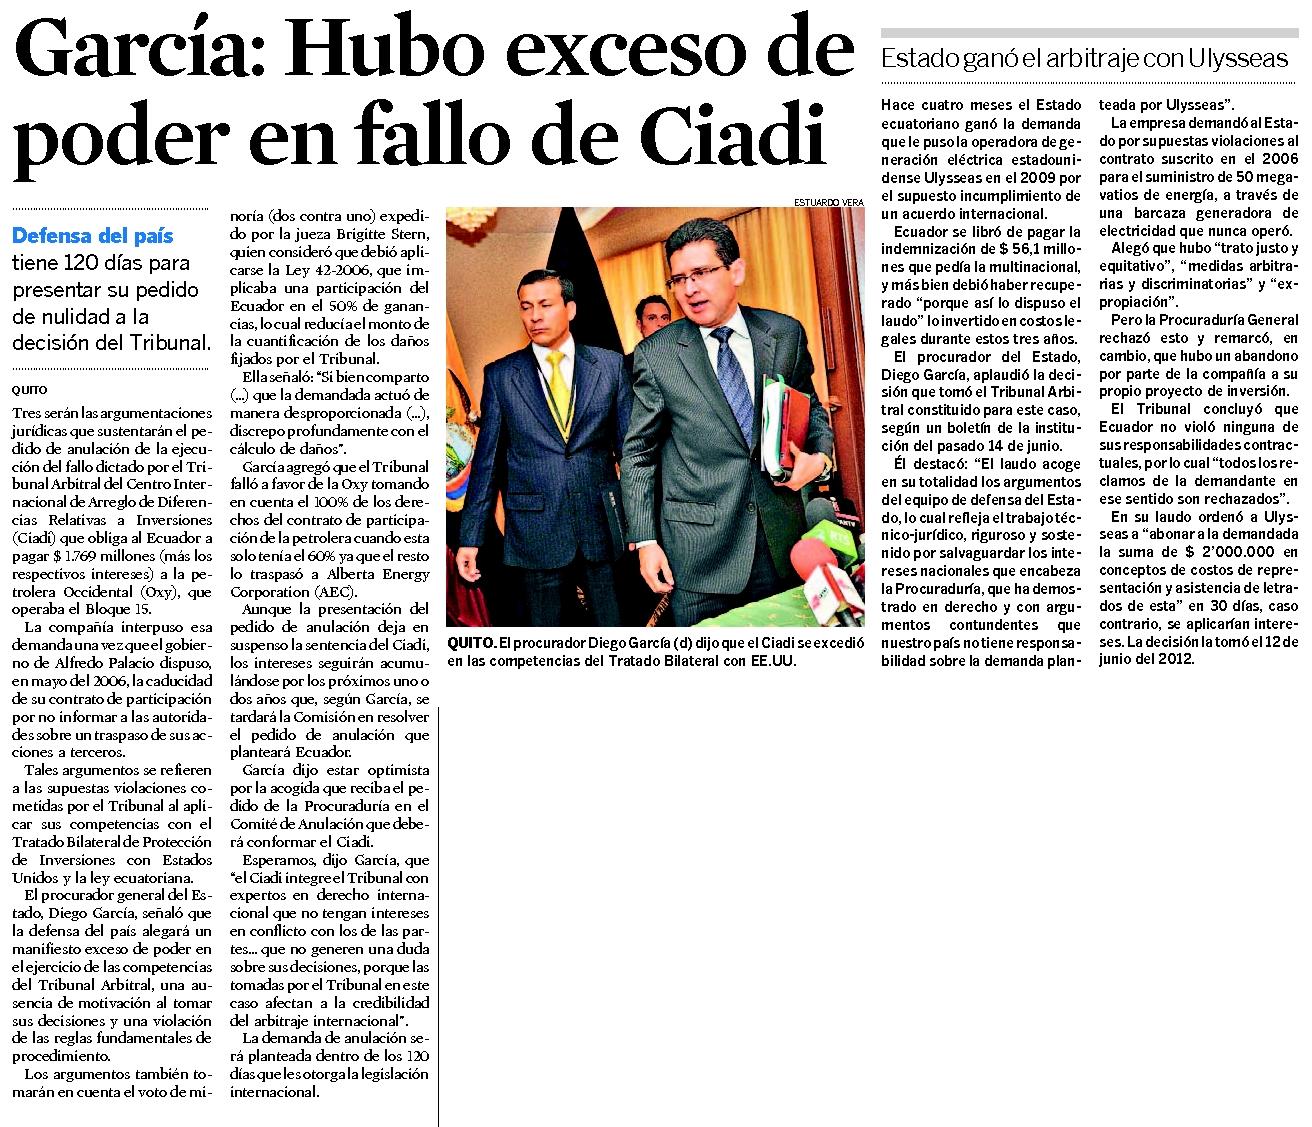 70-El Universo, Garcia, Hubo exceso de poder en fallo de CIADI 09 10